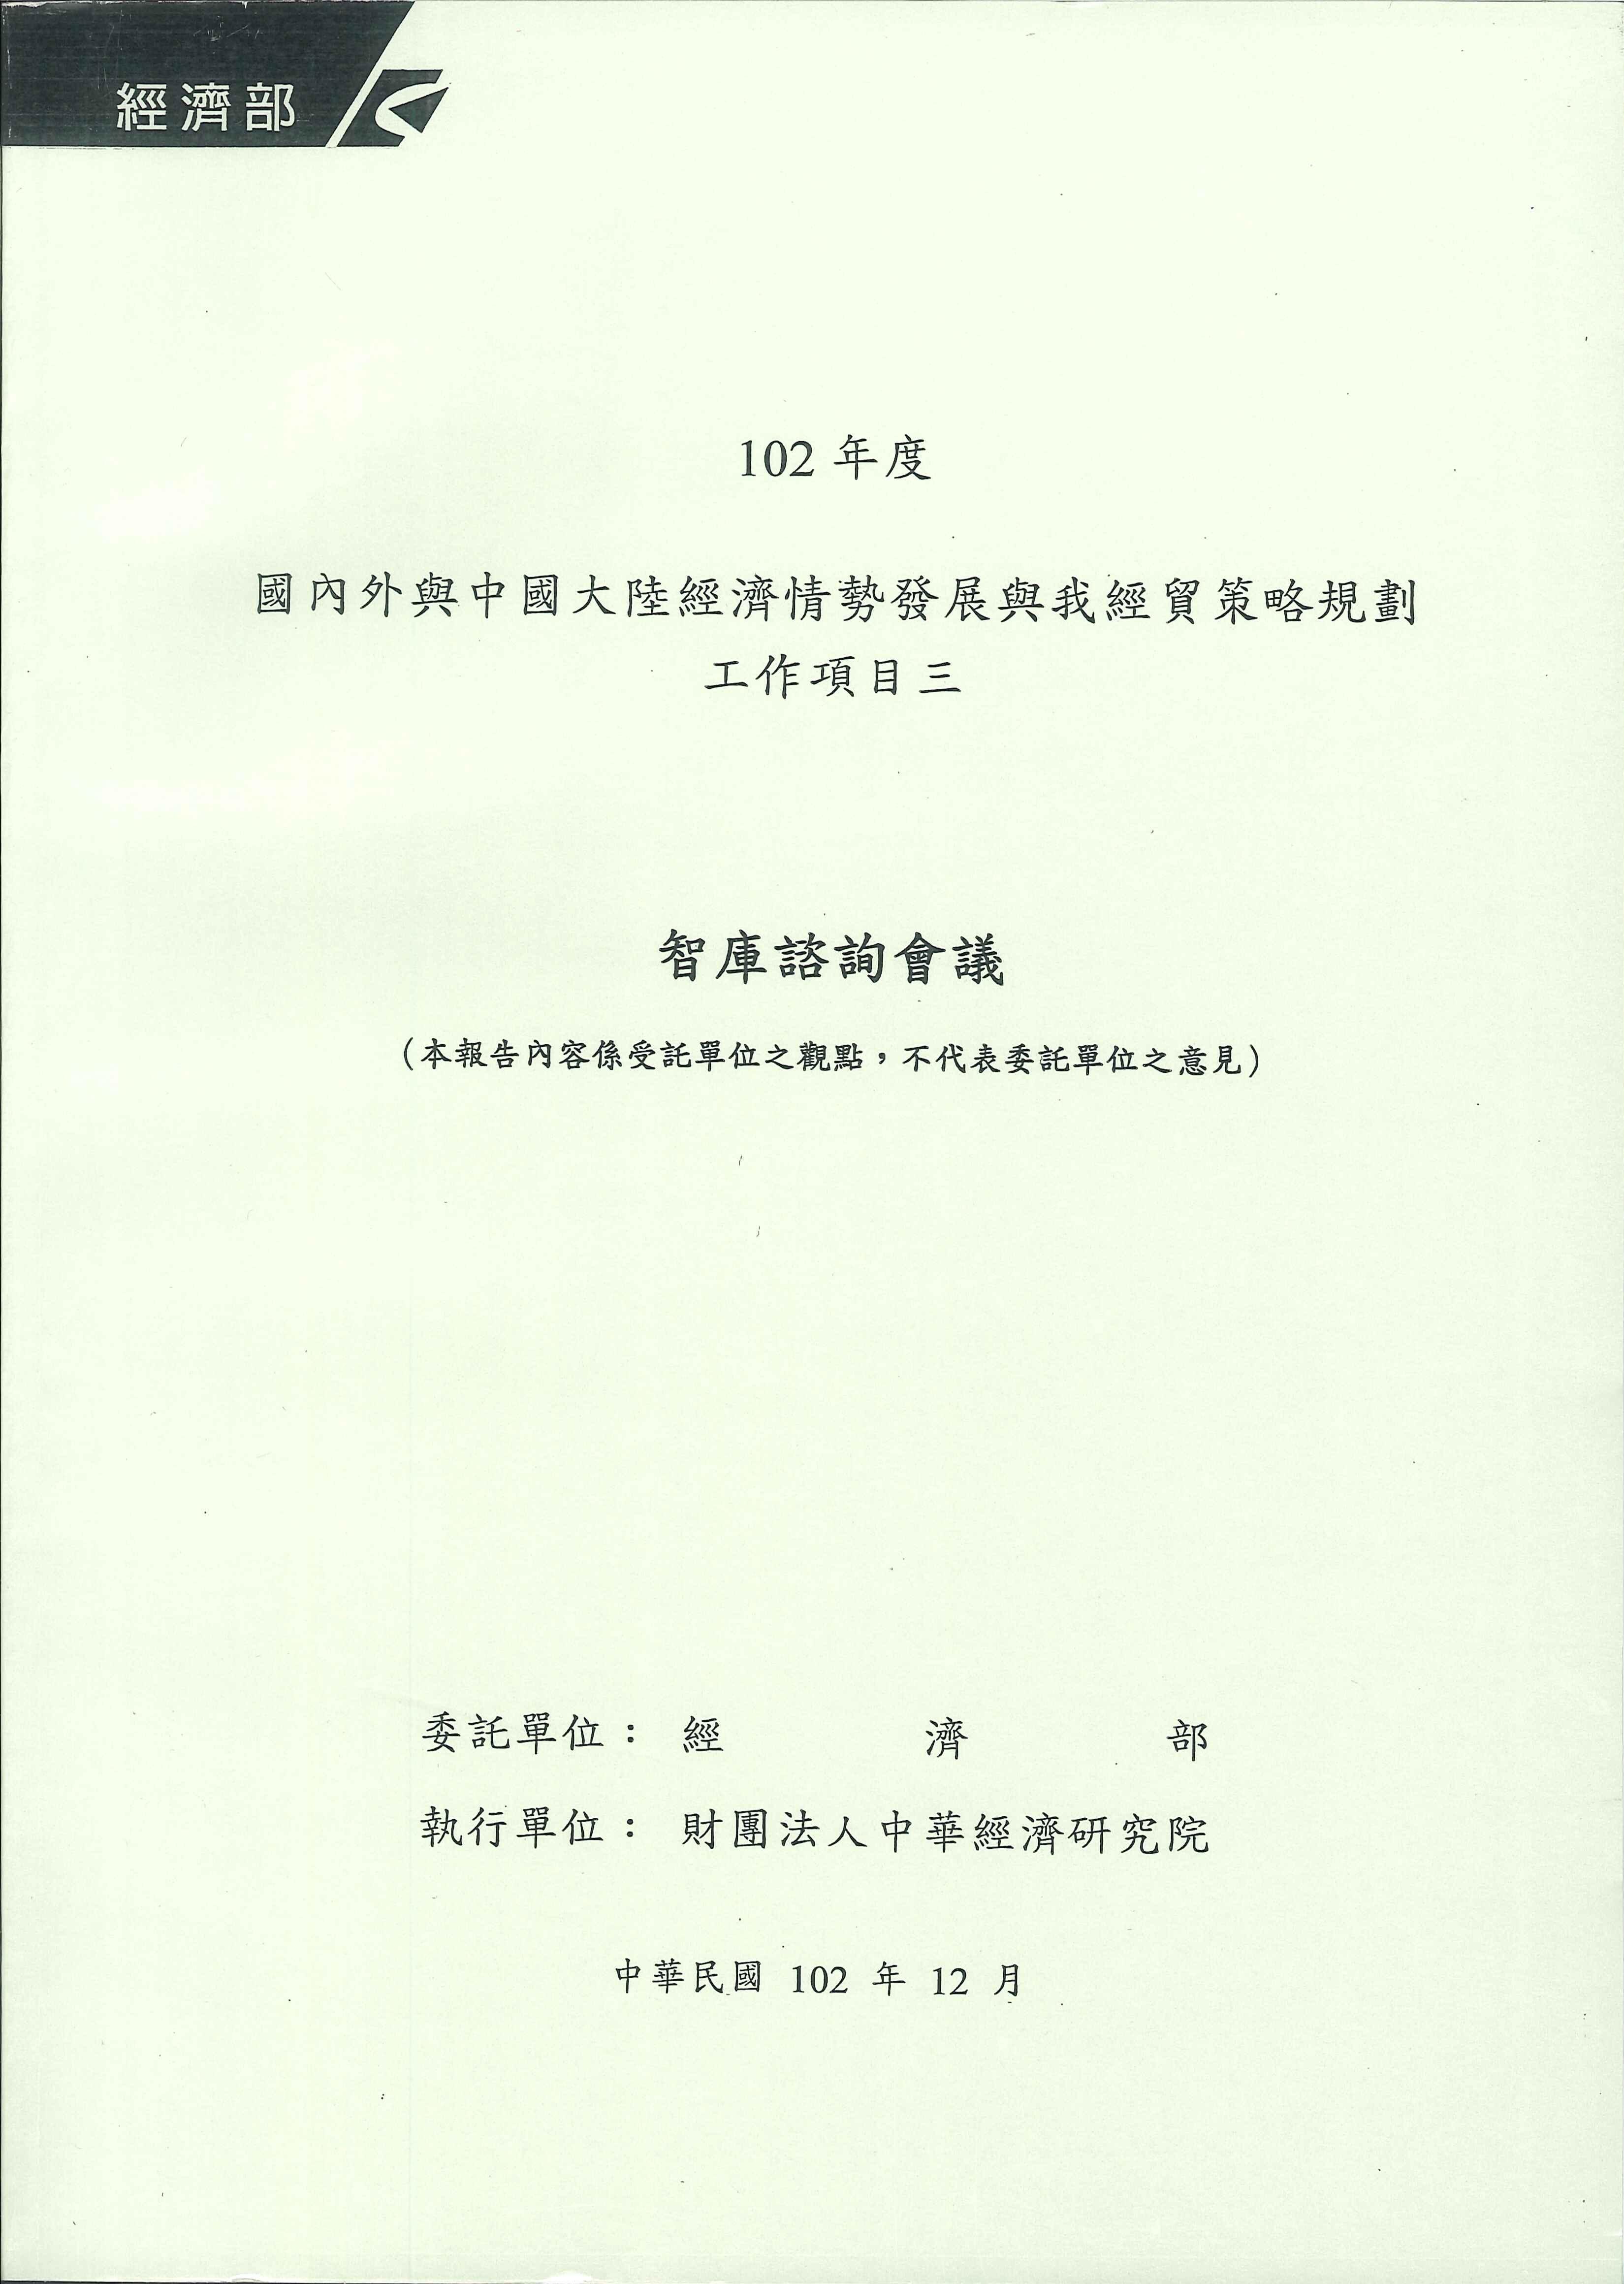 國內外與中國大陸經濟情勢發展與我經貿策略規劃.智庫諮詢會議.工作項目三